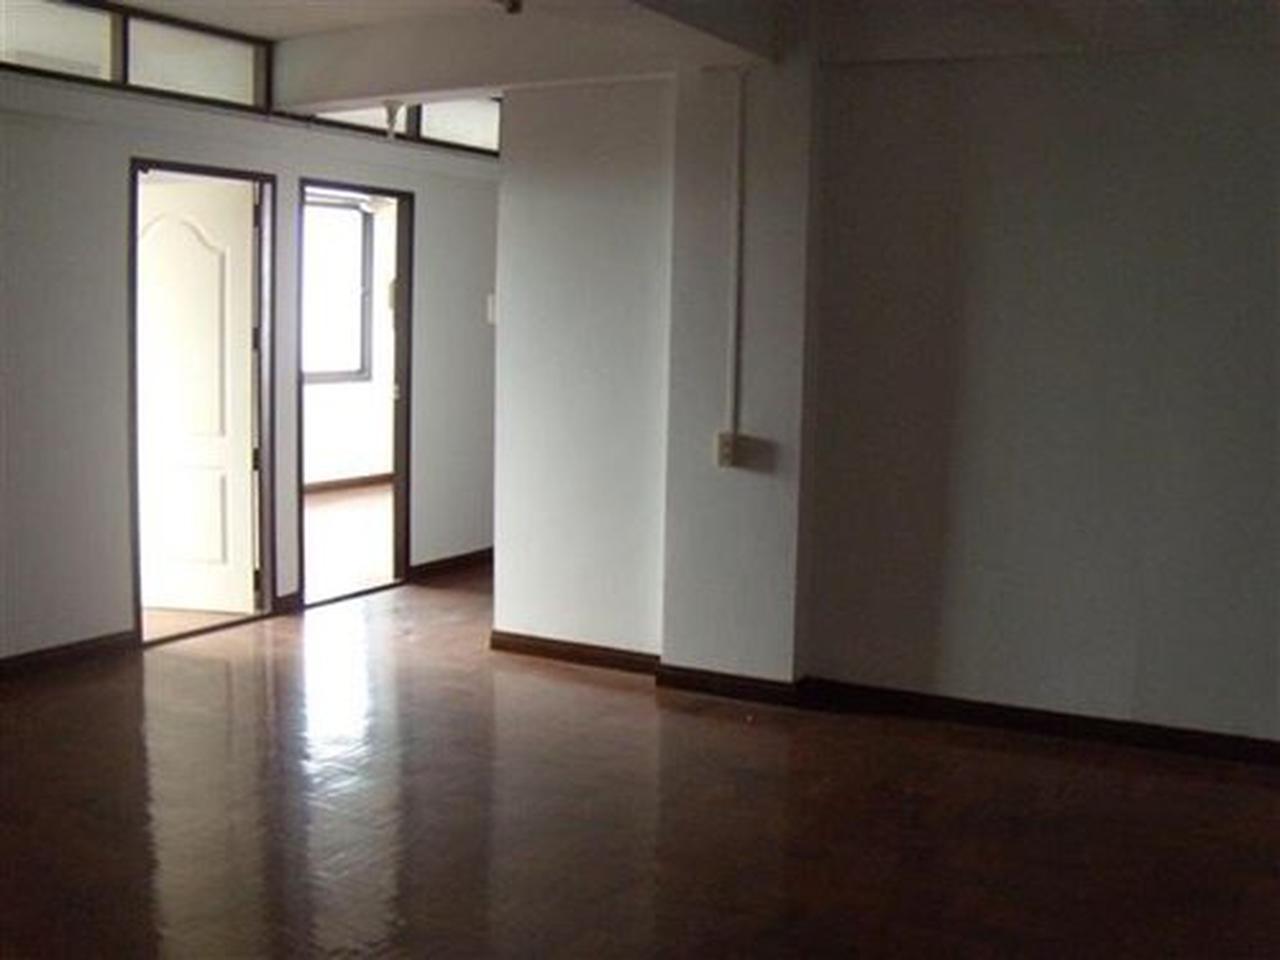 ขายอาคารพาณิชย์ 6 ชั้น อยู่ในซอยกรุงธนบุรี 6  เนื้อที่ 234.8 รูปที่ 4